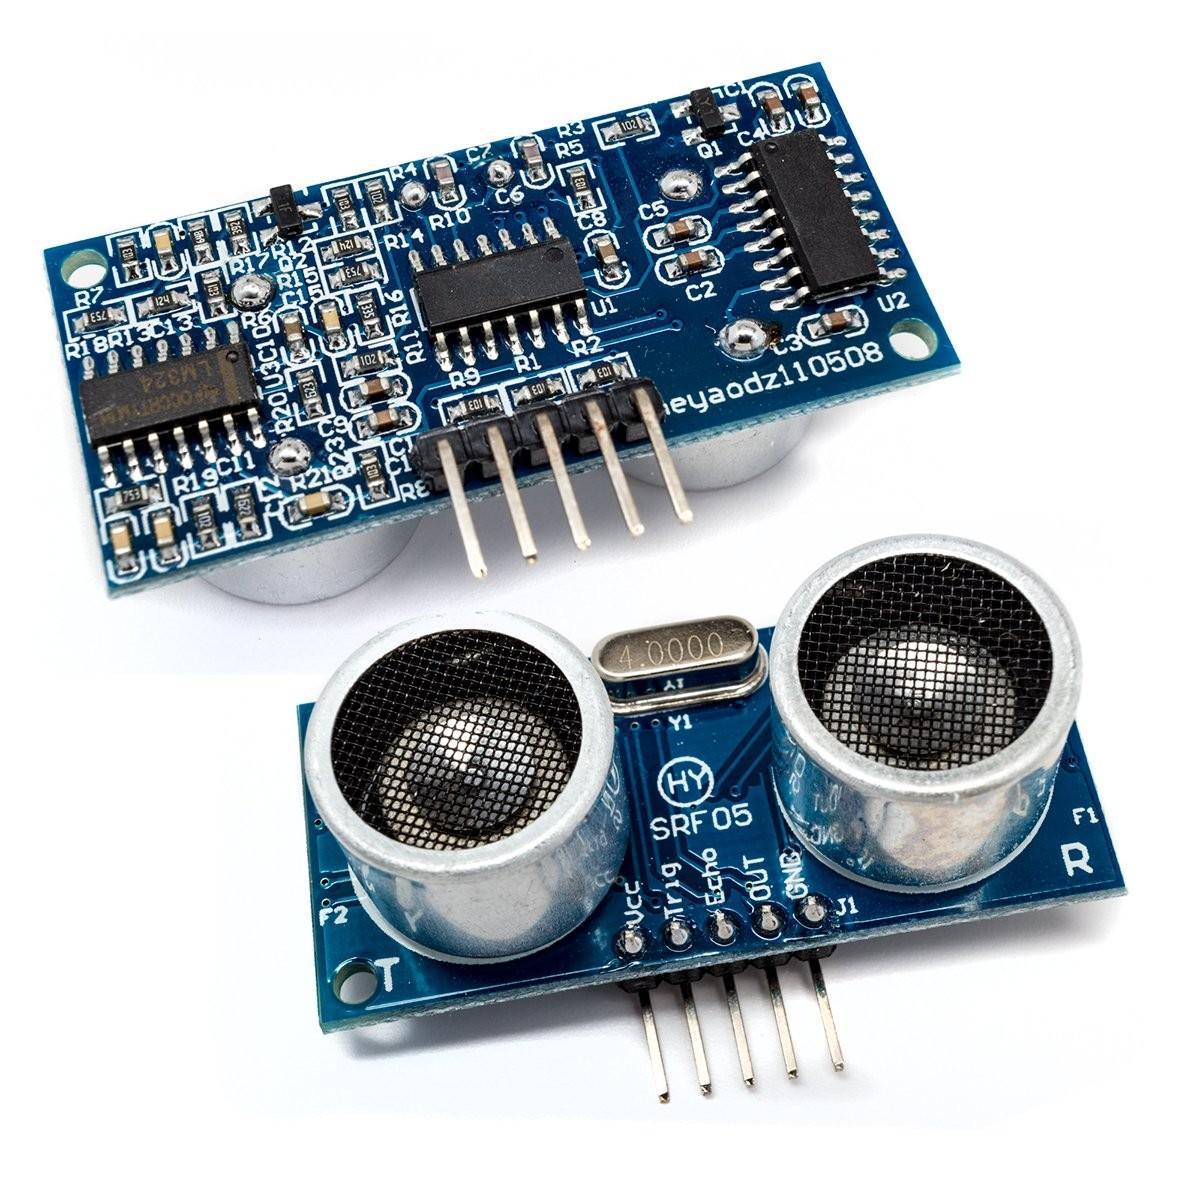 Měřič vzdálenosti ultrazvukový 5Pin HY-SRF05 pro Arduino